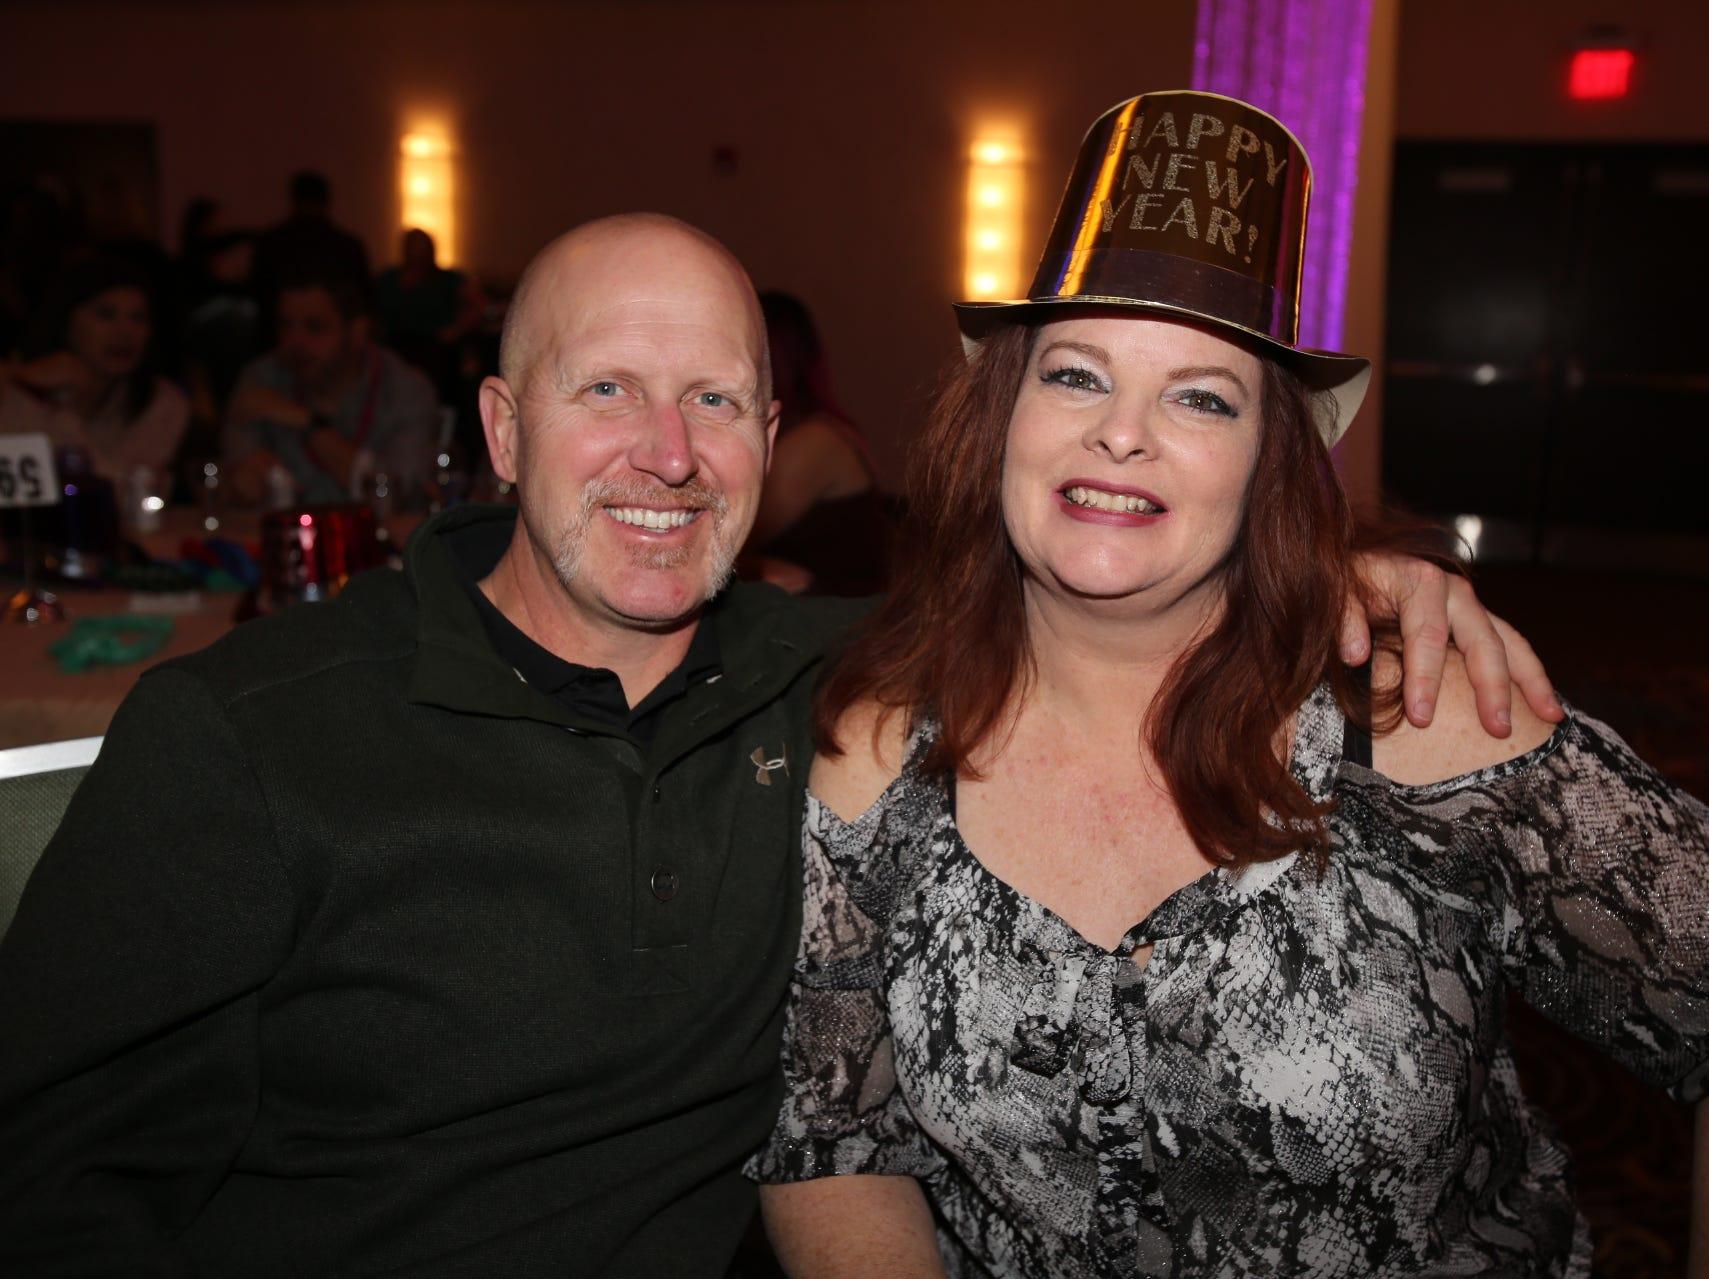 Jim and Wendy Barton